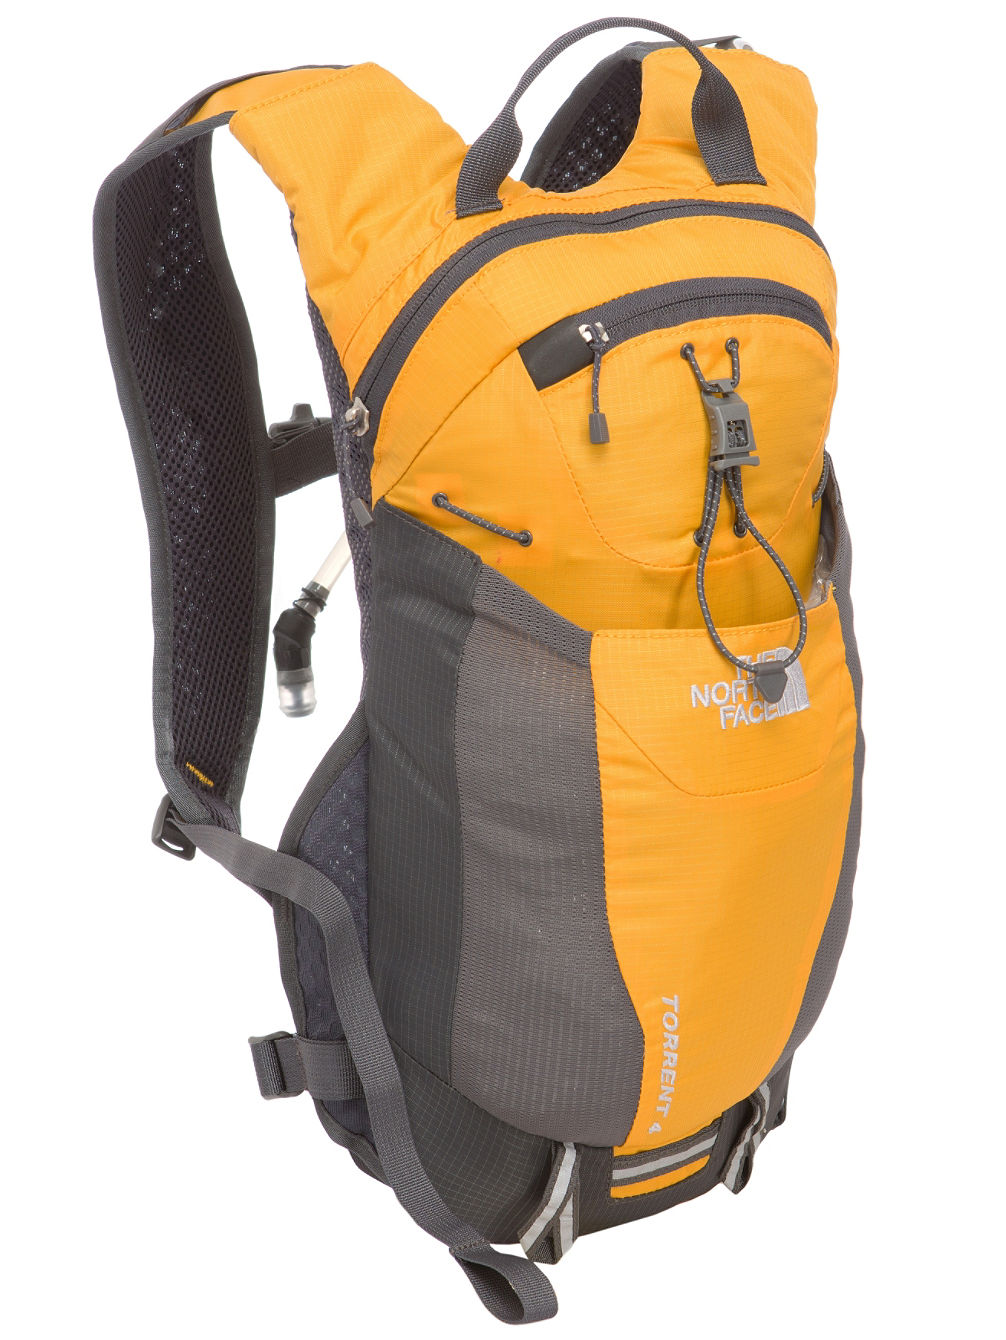 podgląd amazonka szybka dostawa Torrent 4 Backpack